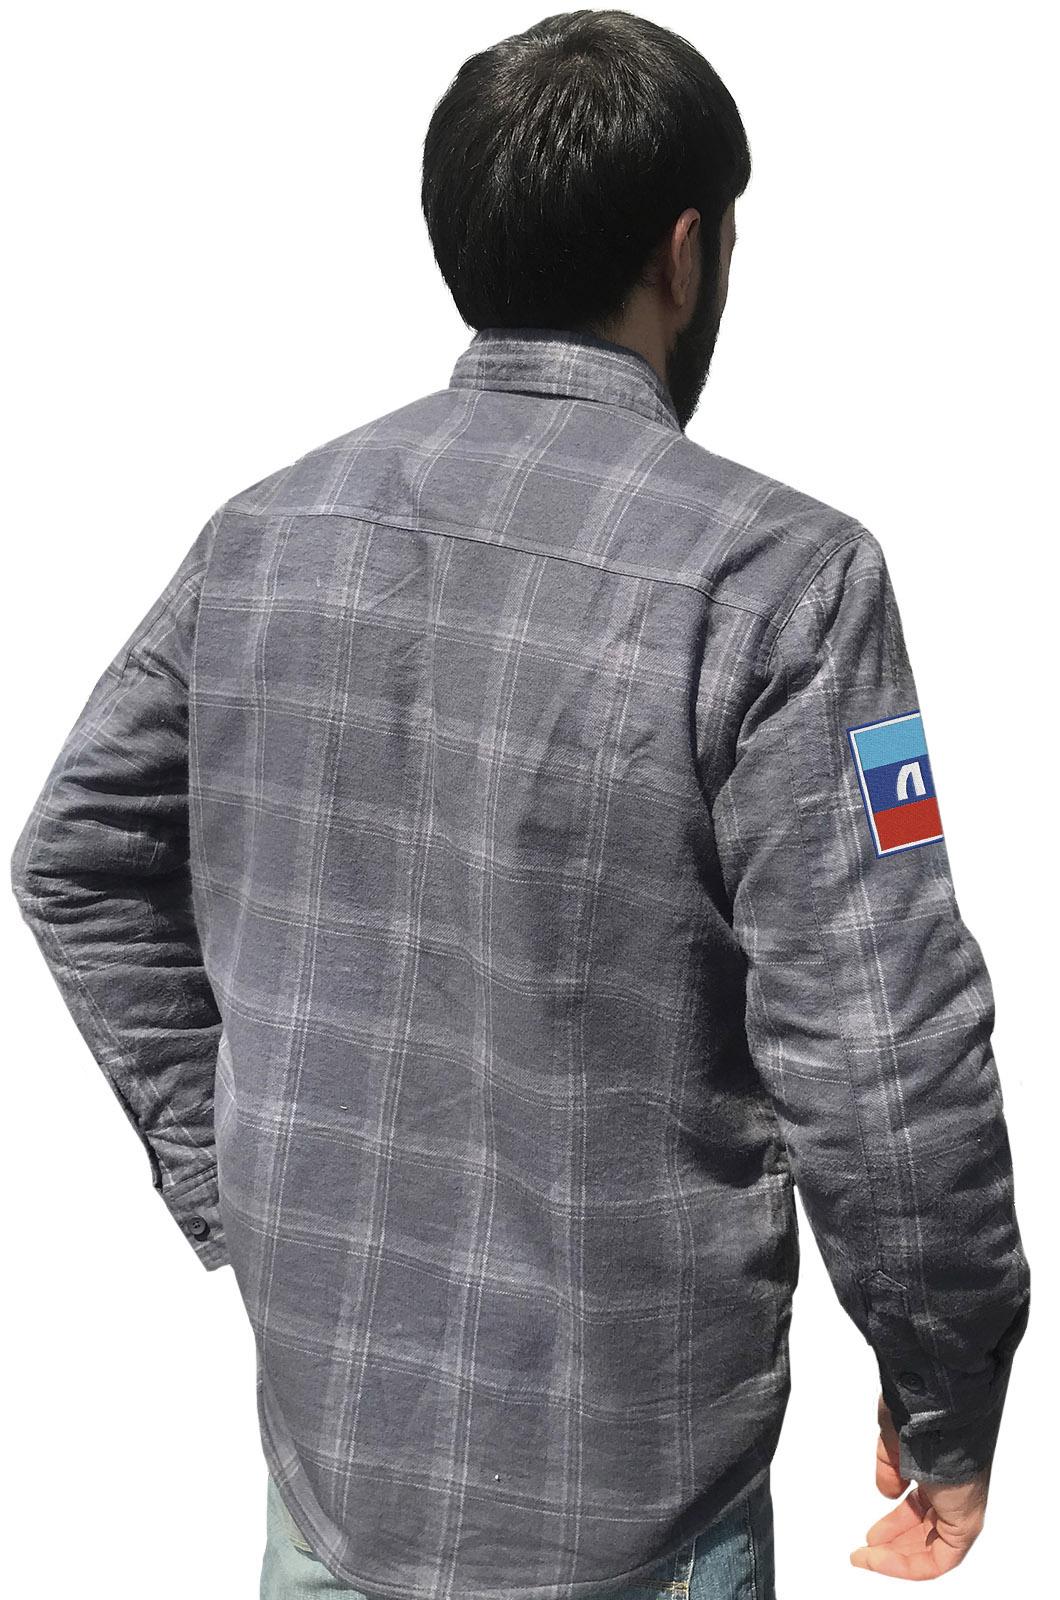 Купить надежную рубашку с вышитым шевроном ЛНР с доставкой или самовывозом